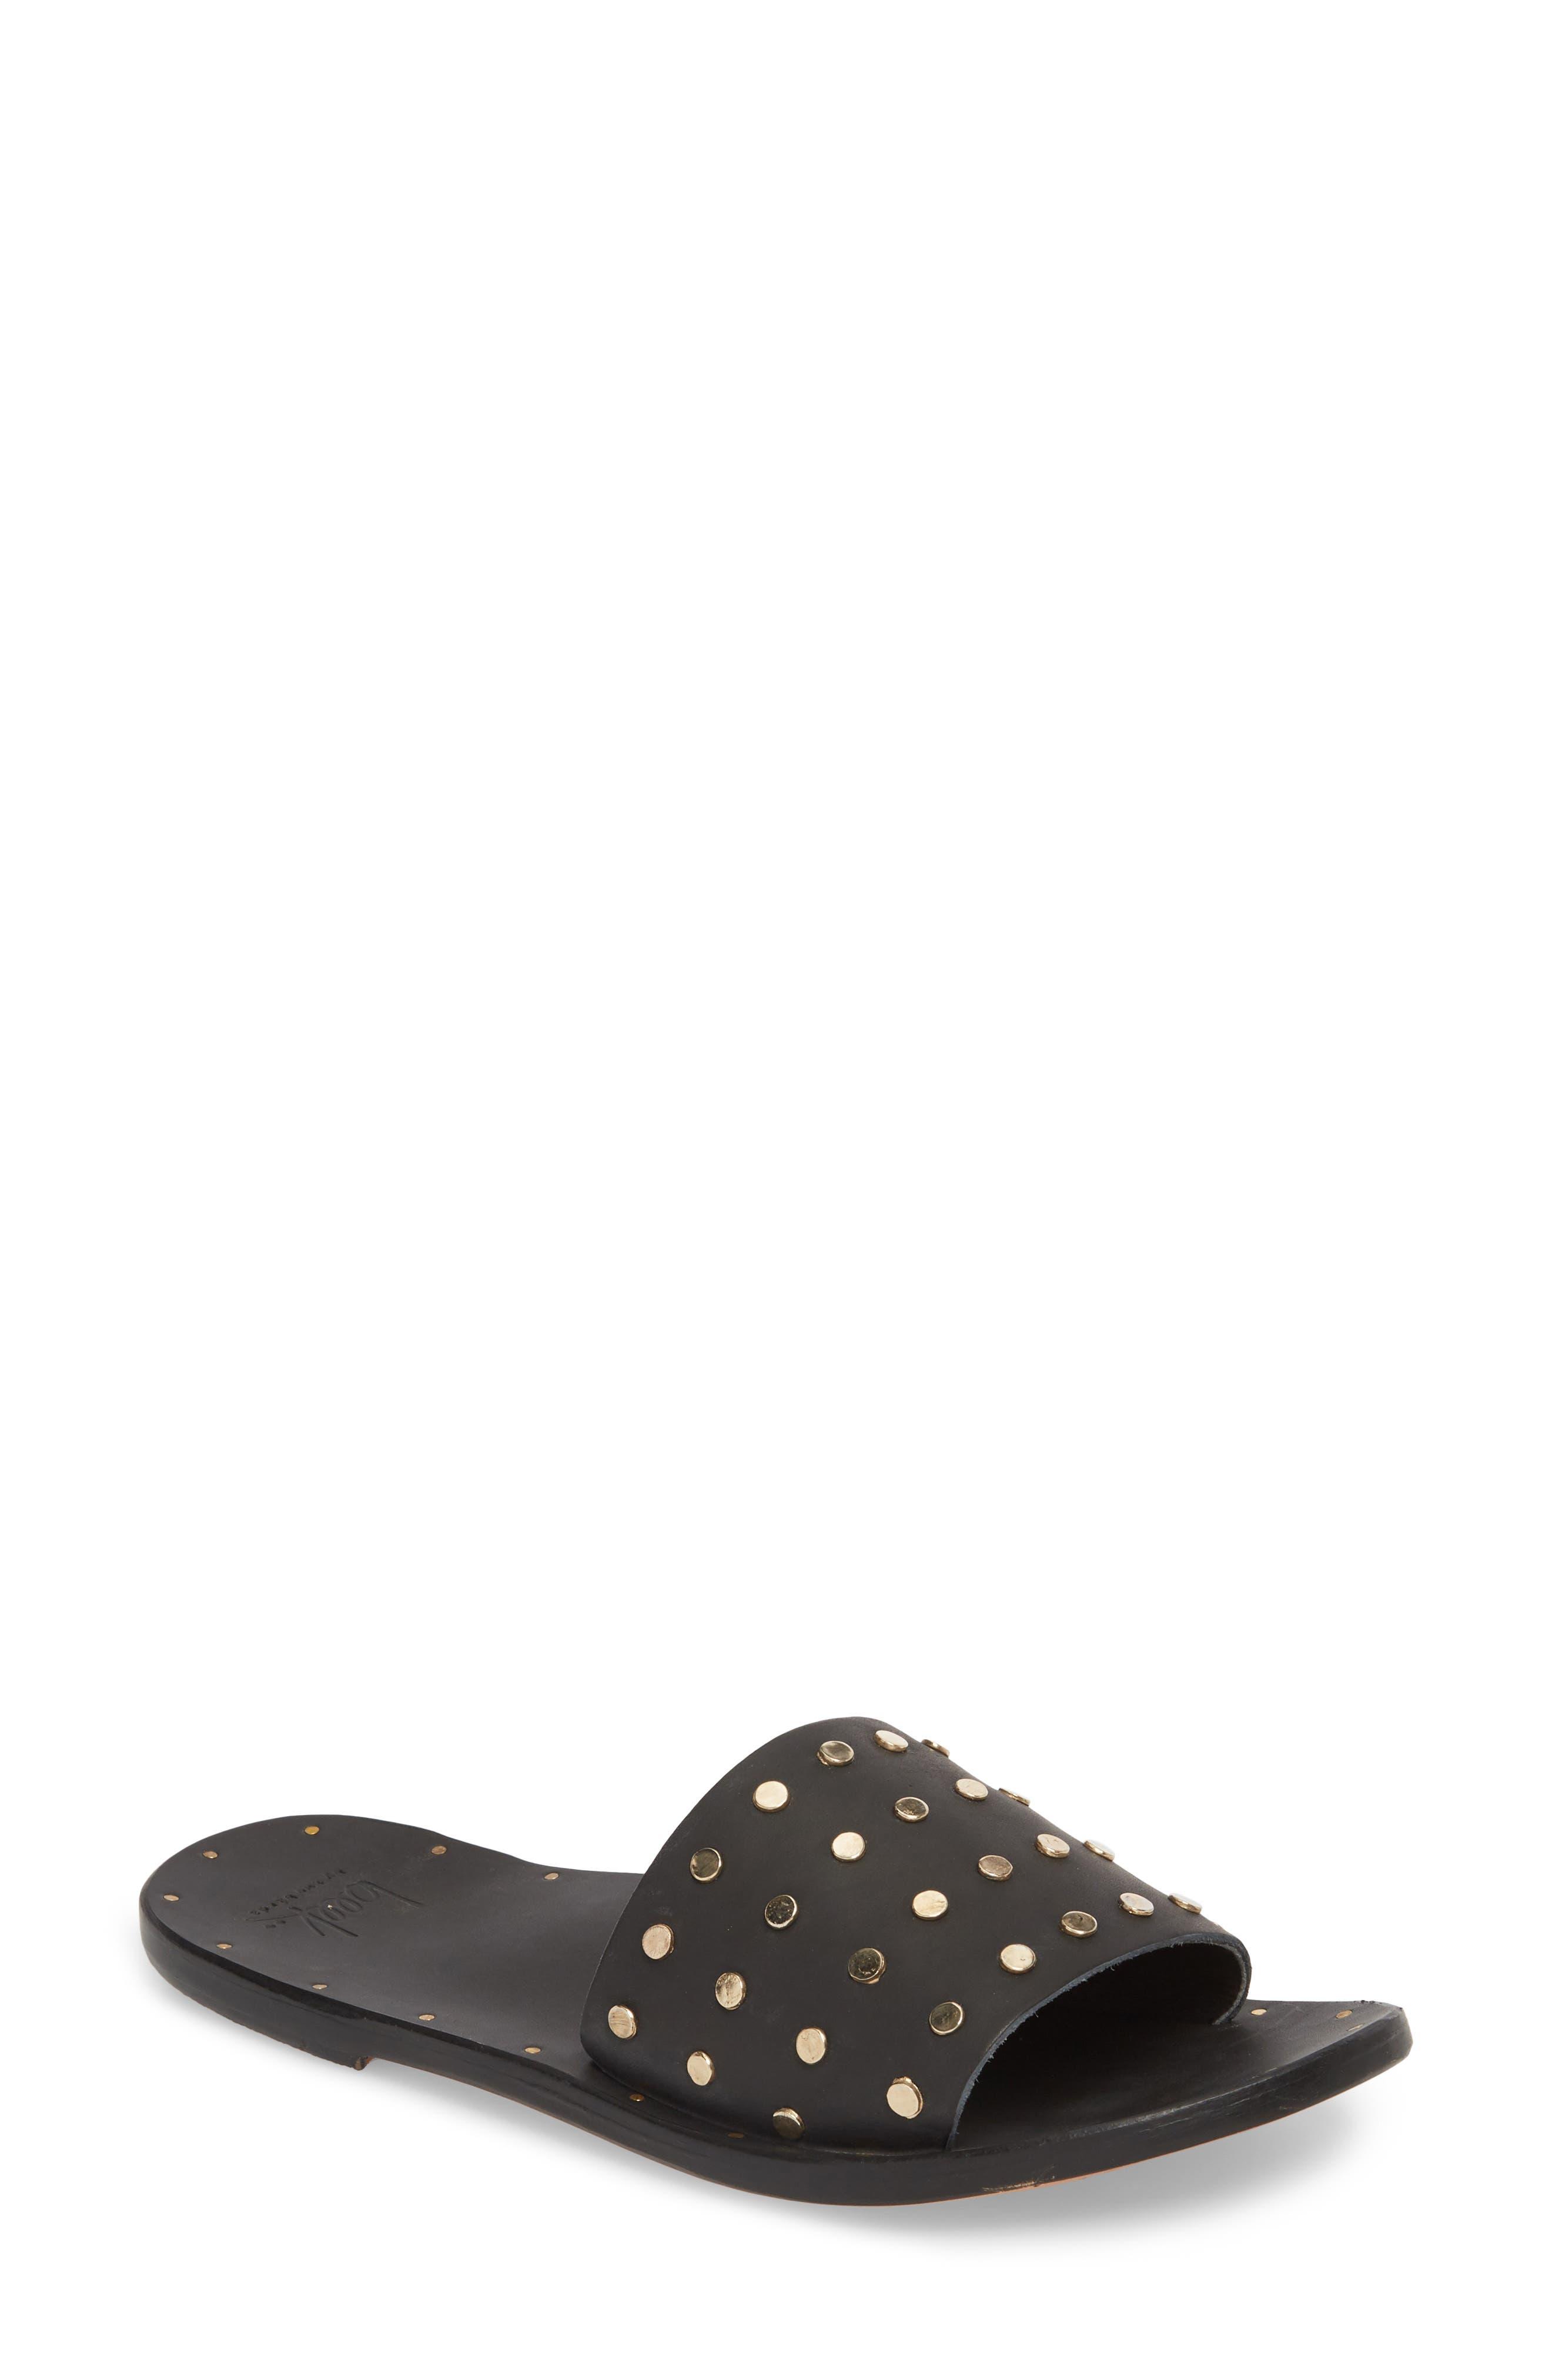 BEEK Lovebird Studded Slide Sandal in Black/ Black